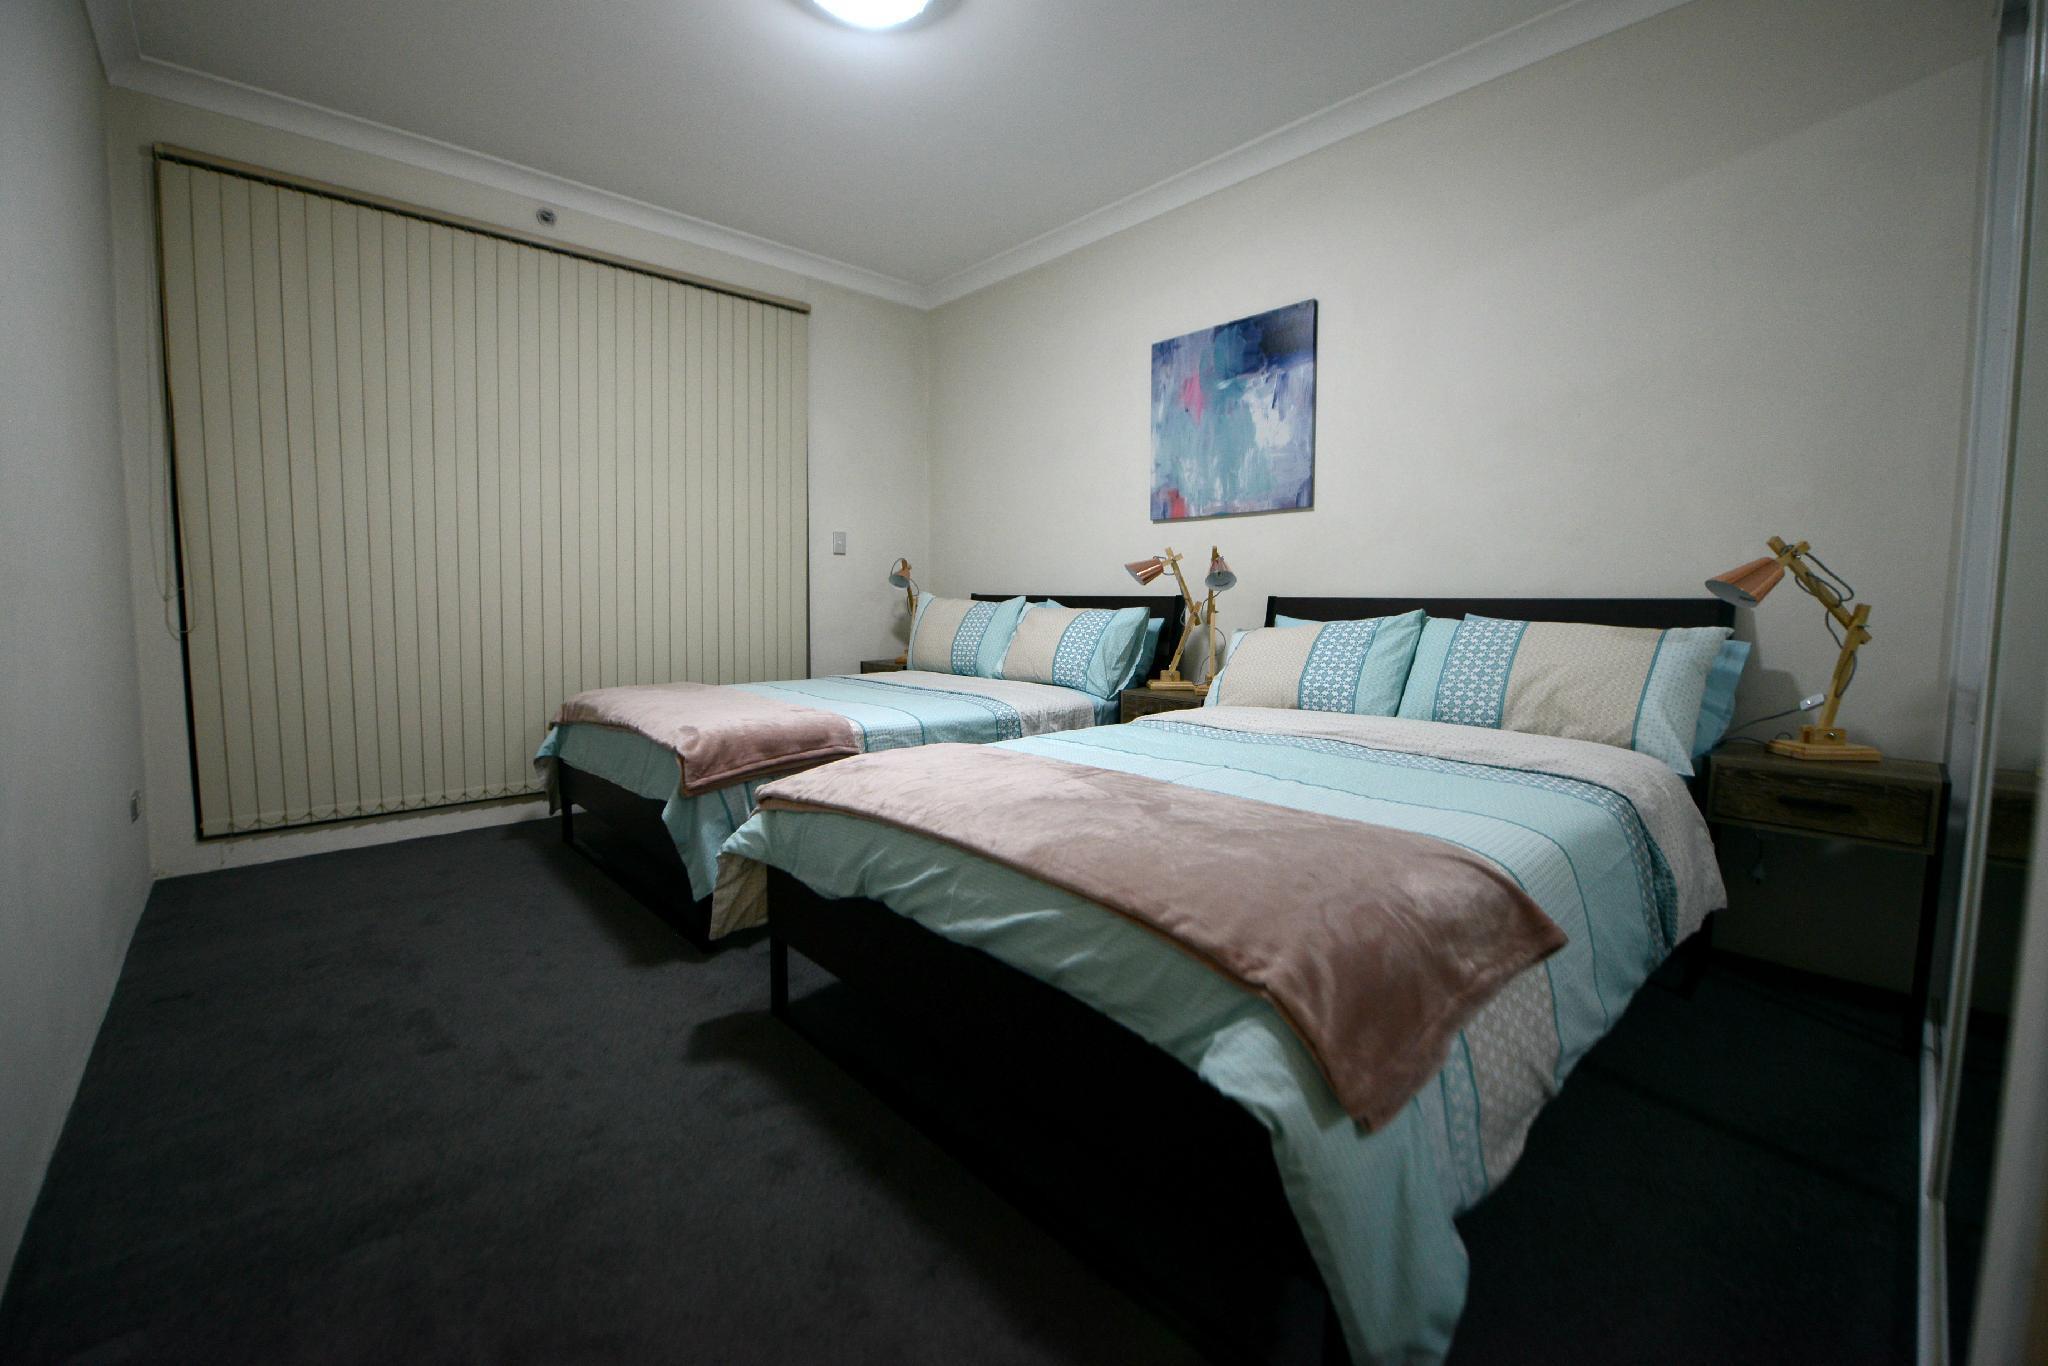 202 Luxury Family Gateway @ Central Station Sydney